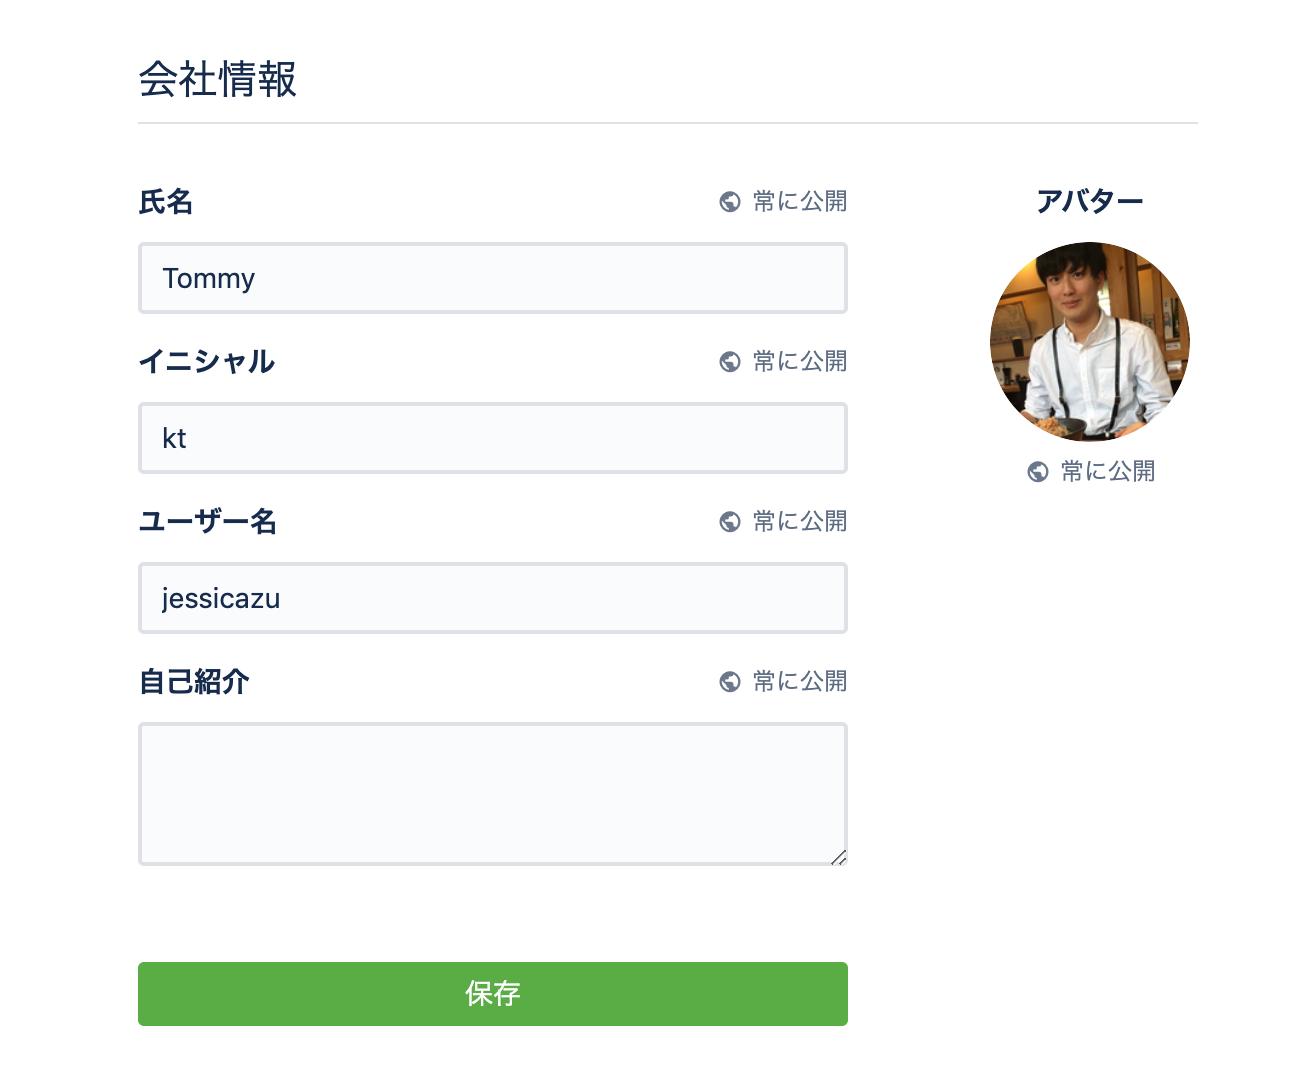 スクリーンショット 2020-02-29 16.38.17.png